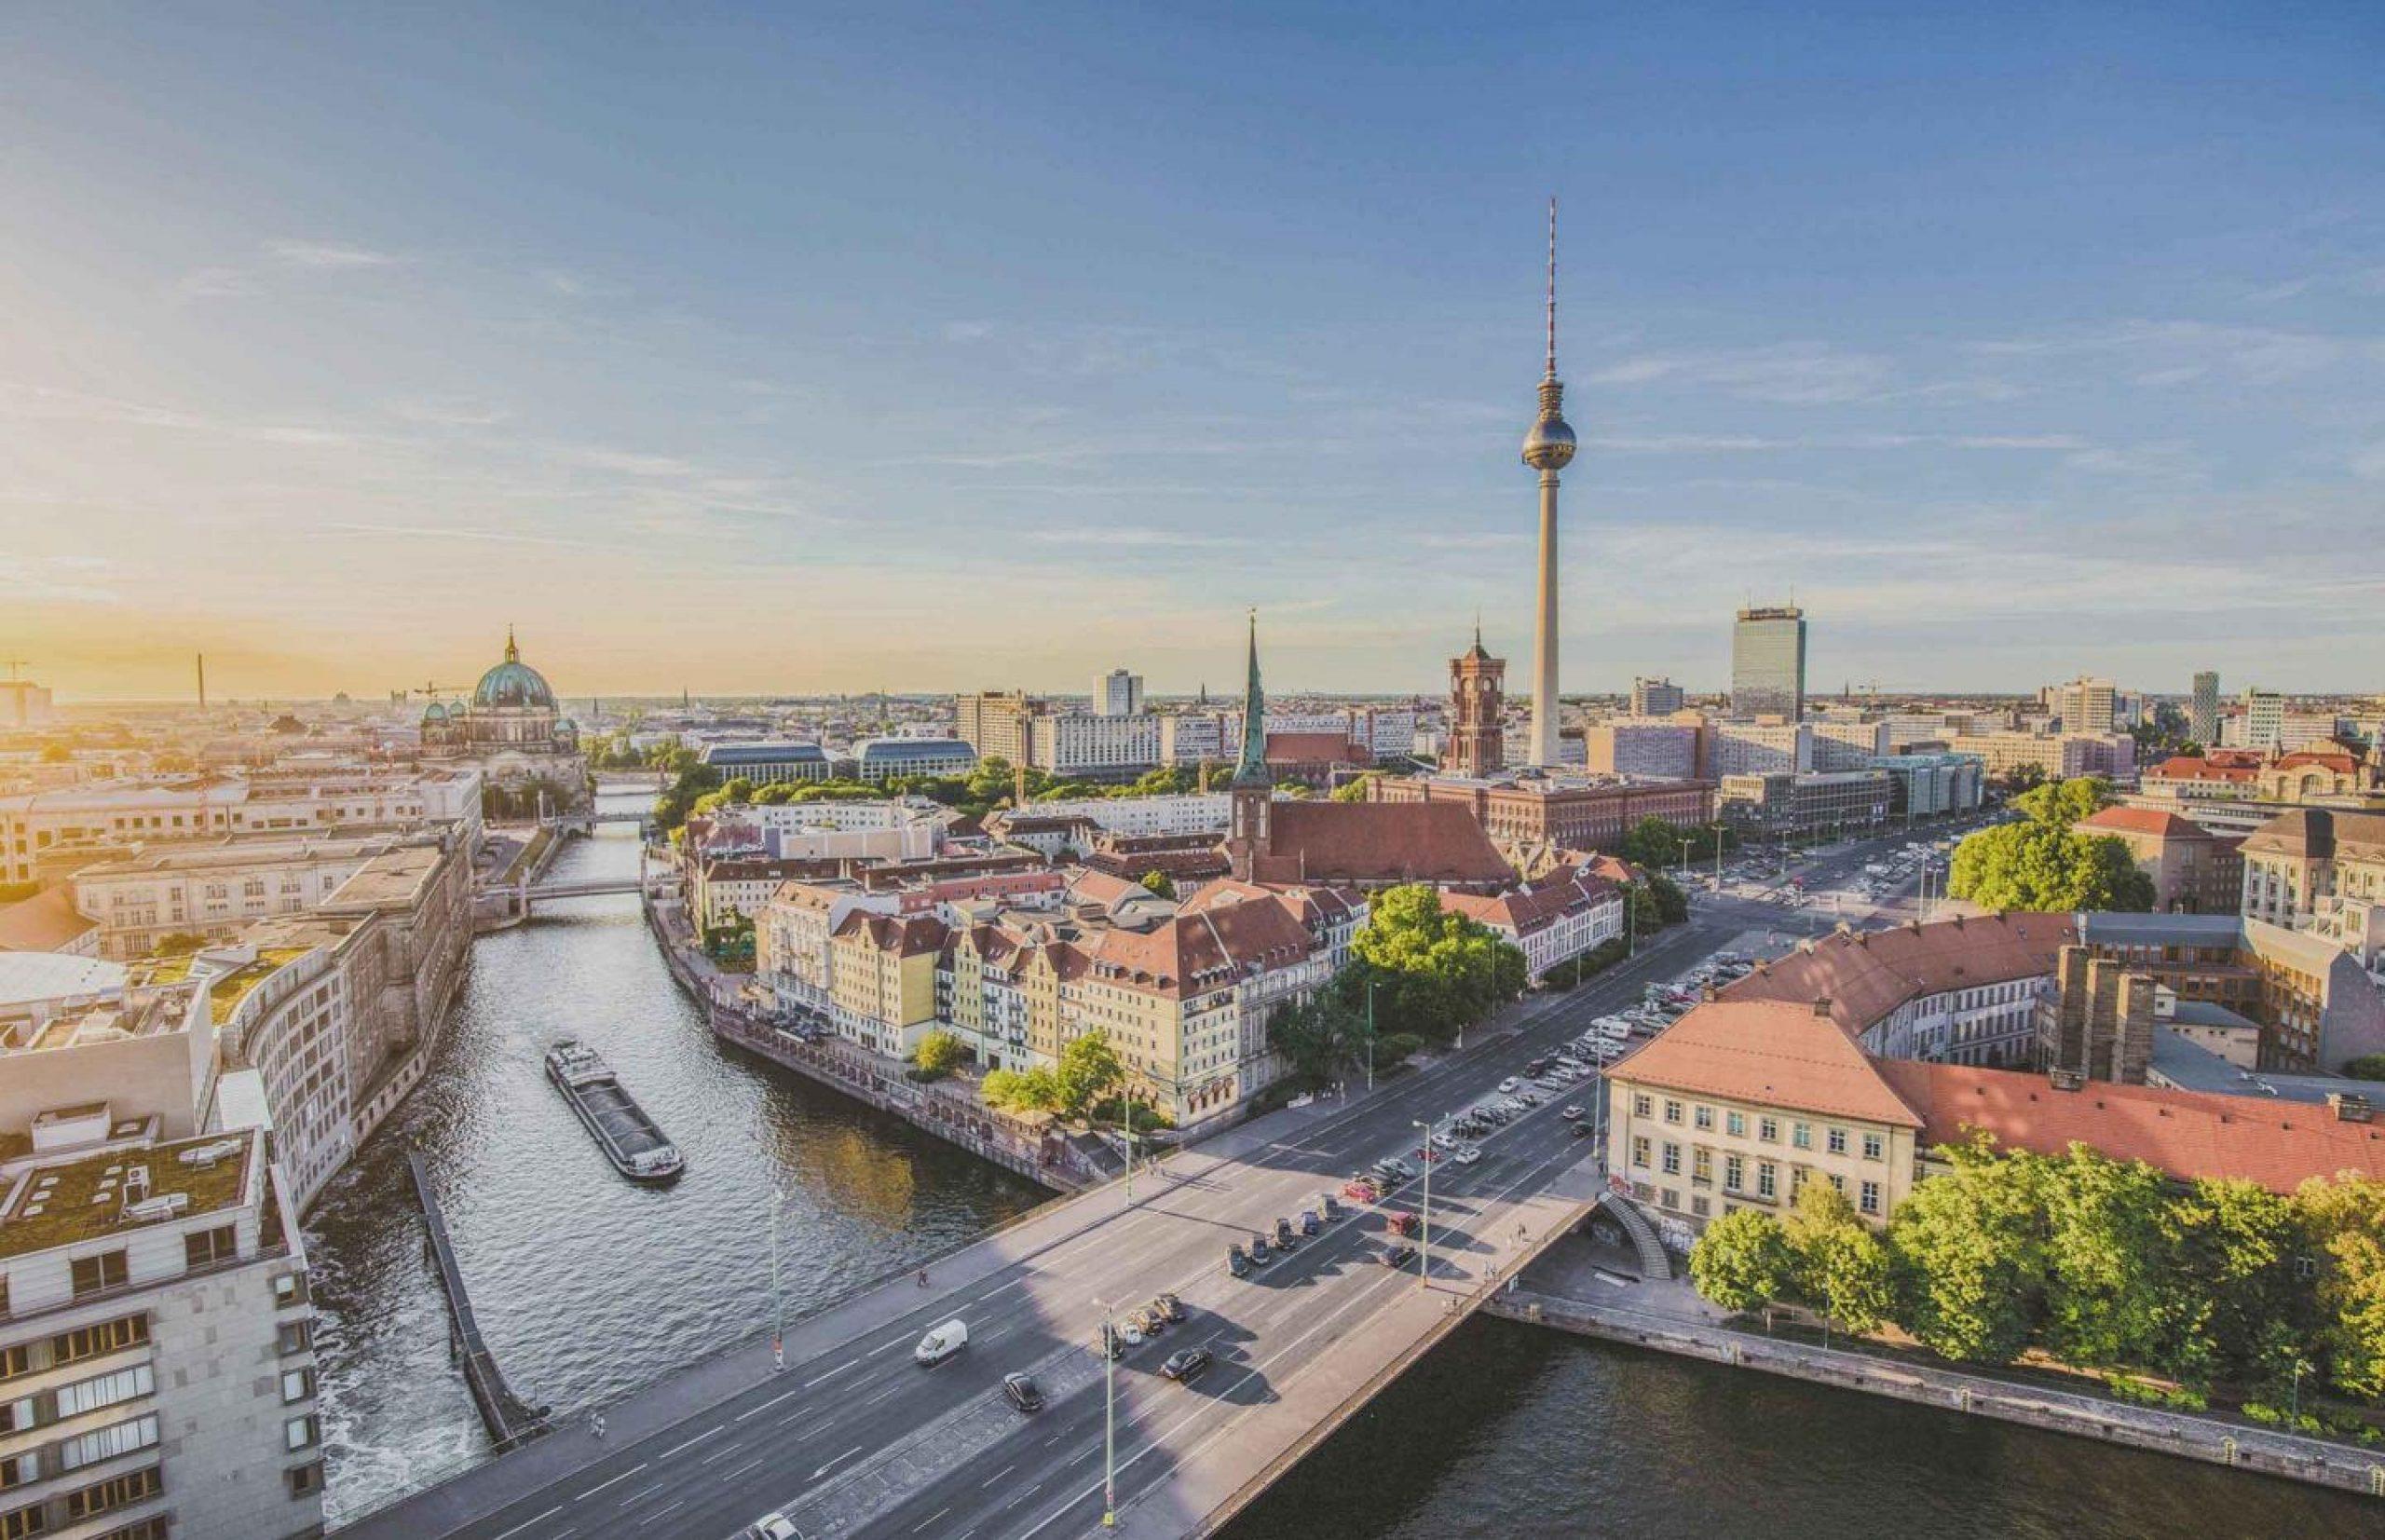 Berlín ha esdevingut un model i ara al Parlament ha aprovat una normativa que congela els preus dels lloguers a Berlin durant cinc anys